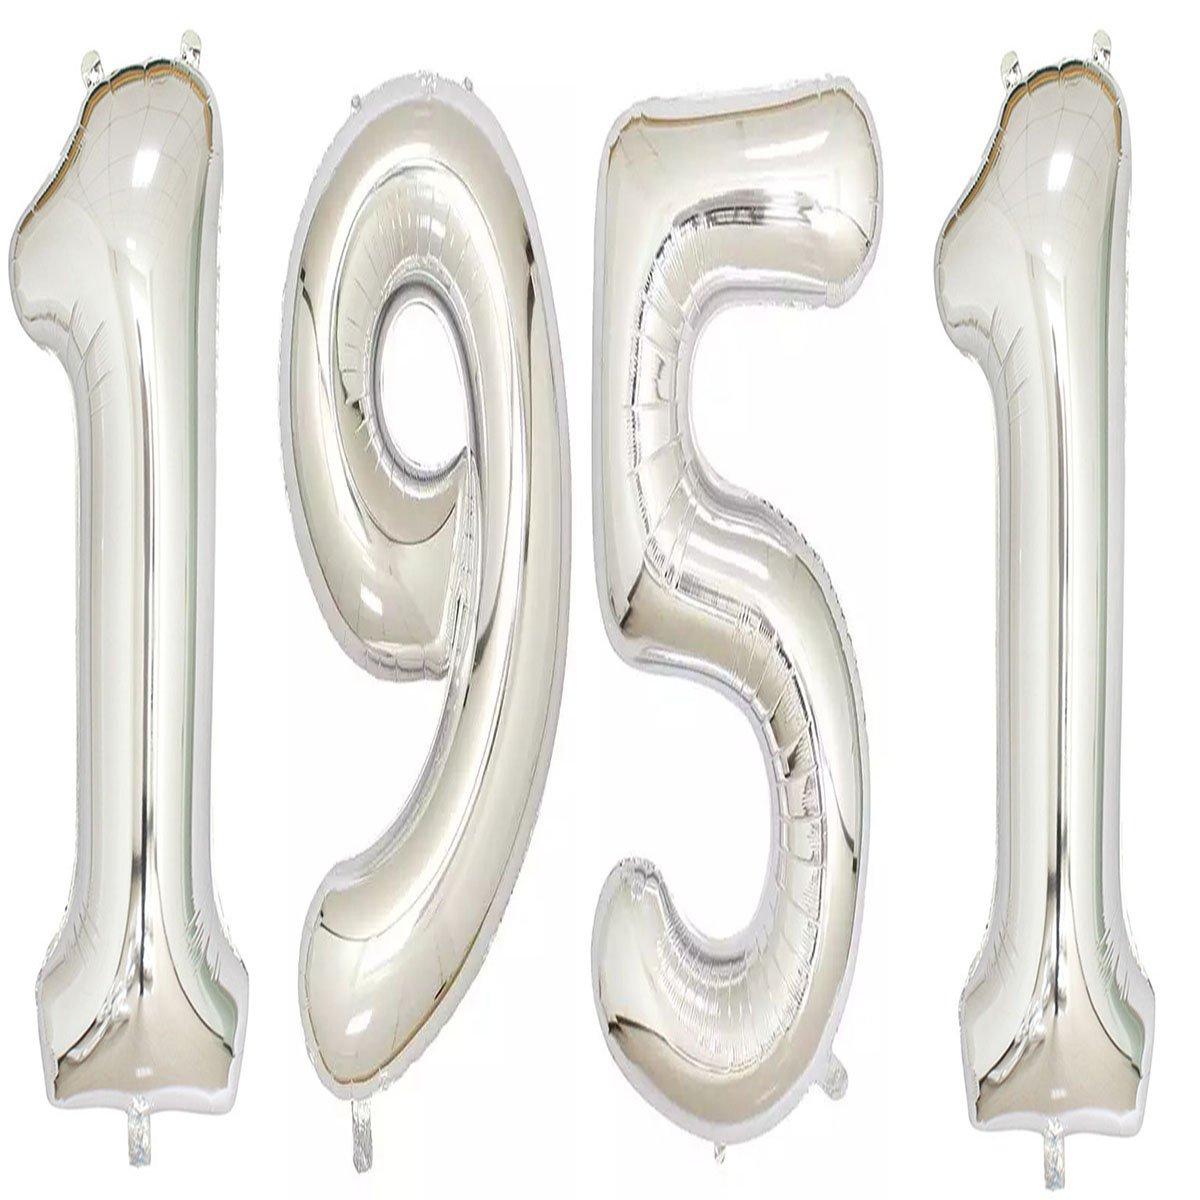 1951バルーン40インチシルバーGiant Jumboヘリウム箔マイラーのバルーンを67th誕生日パーティー装飾   B07CC9FF4Q